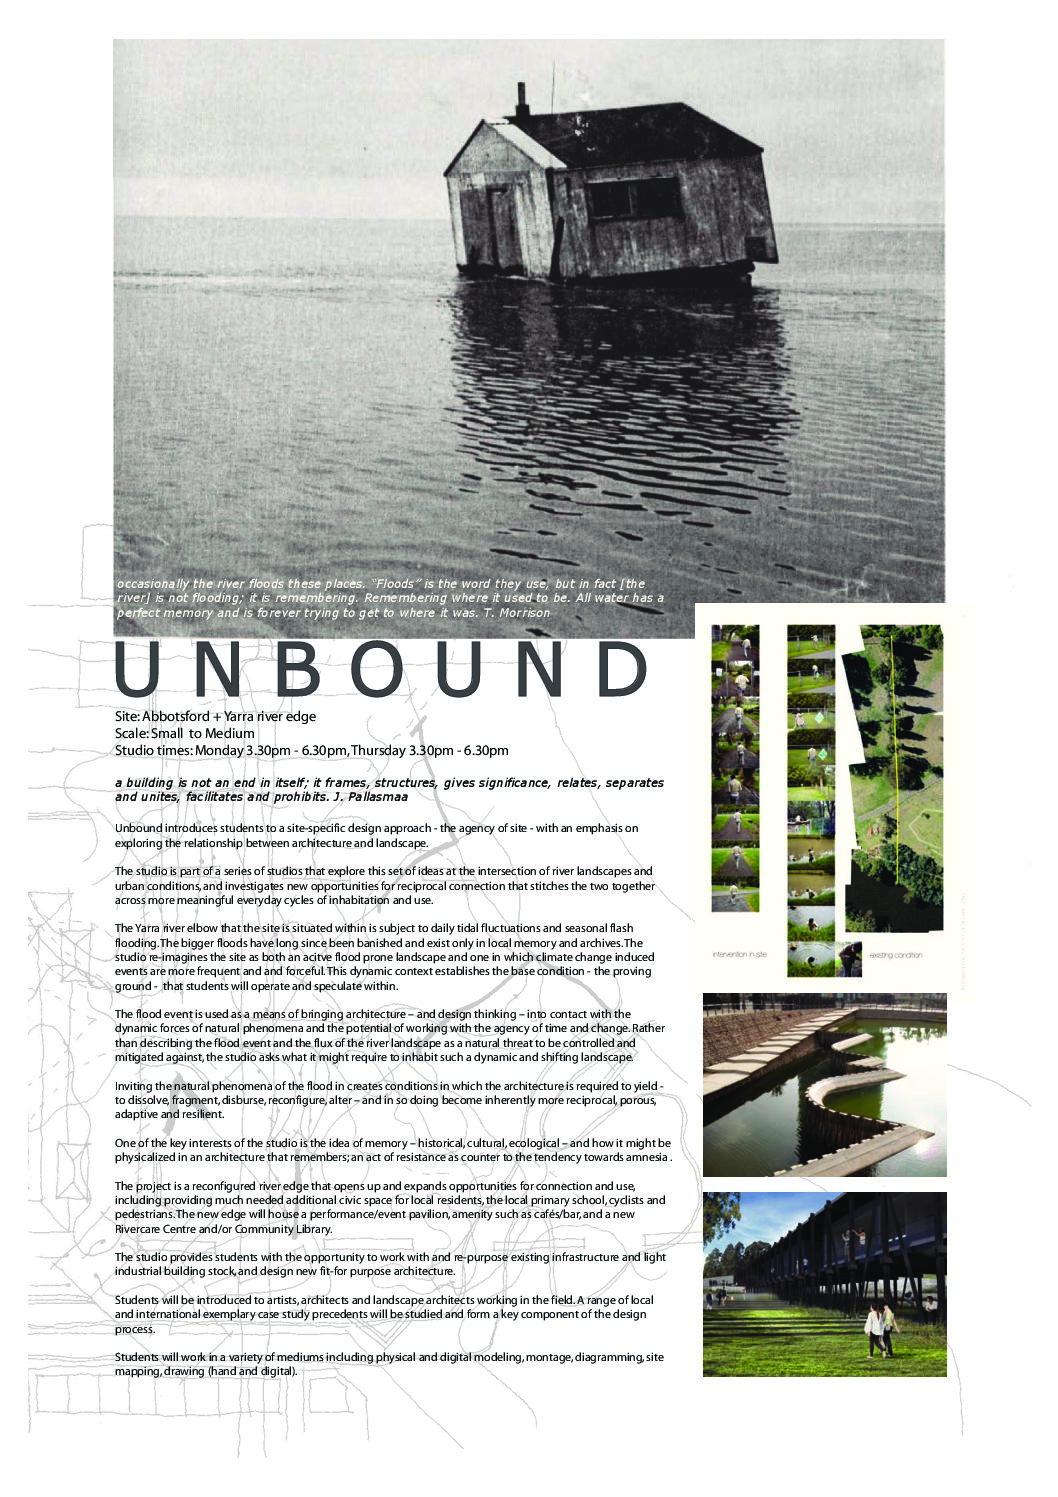 unbound rmit architecture and urban design